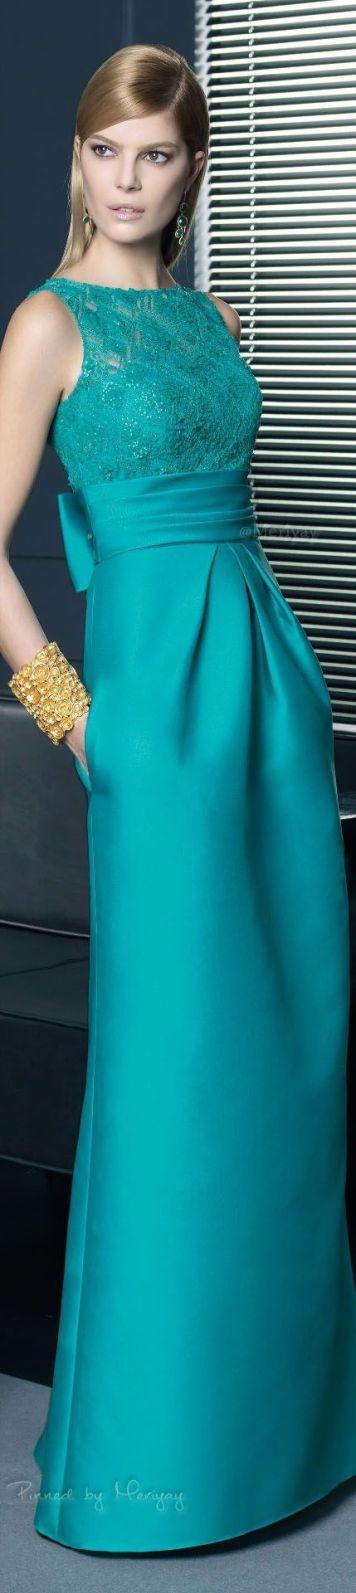 Vestido de fiesta y su peinado largo rubio bronce con largo azul turquesa en Cordoba